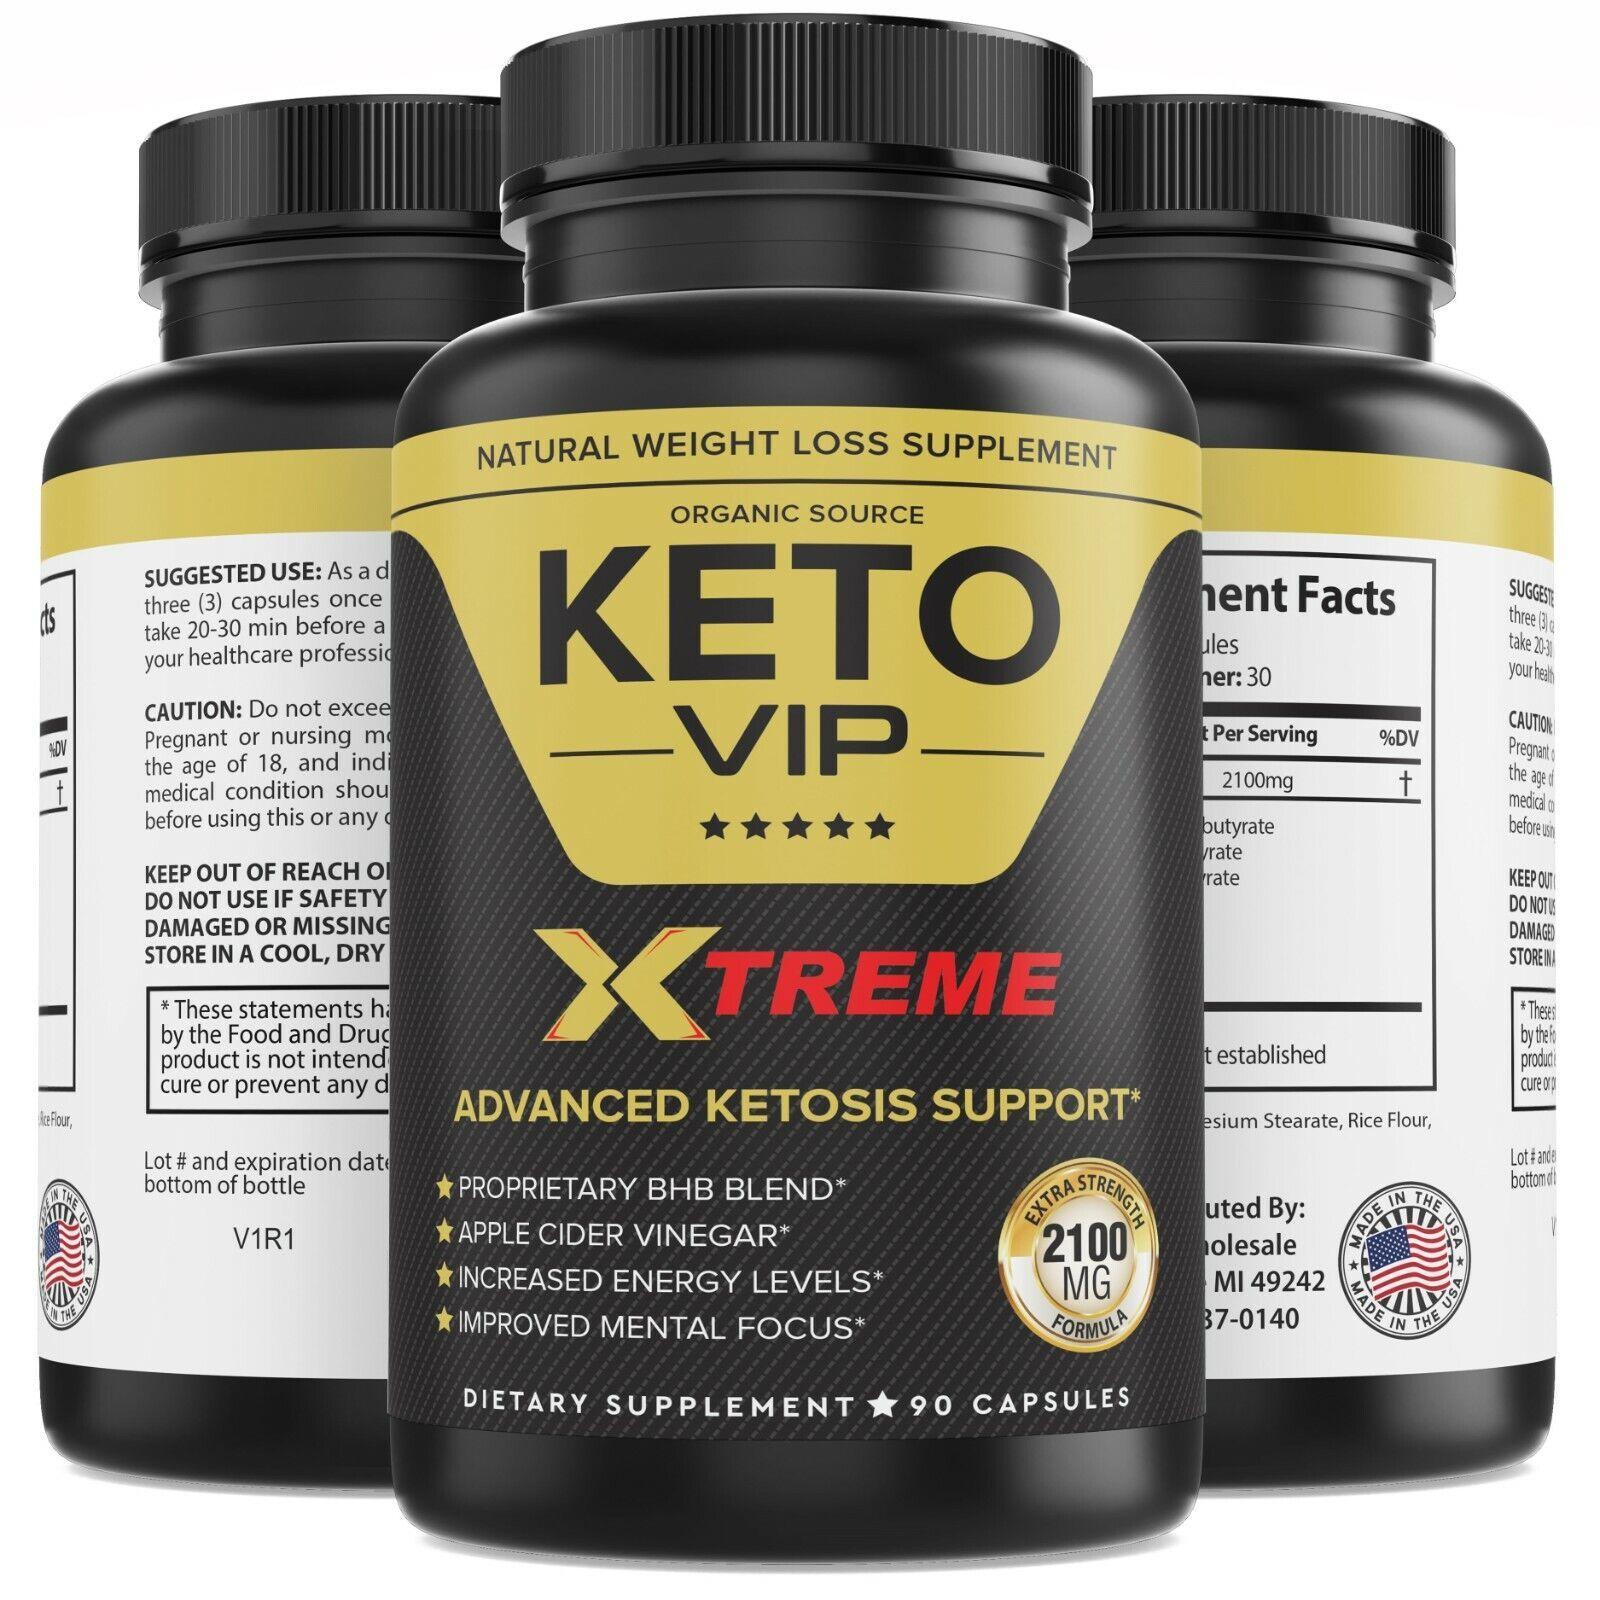 2100MG Keto Diet Pills Advanced Weight Loss that WORKS Burn Fat Carb Blocker VIP